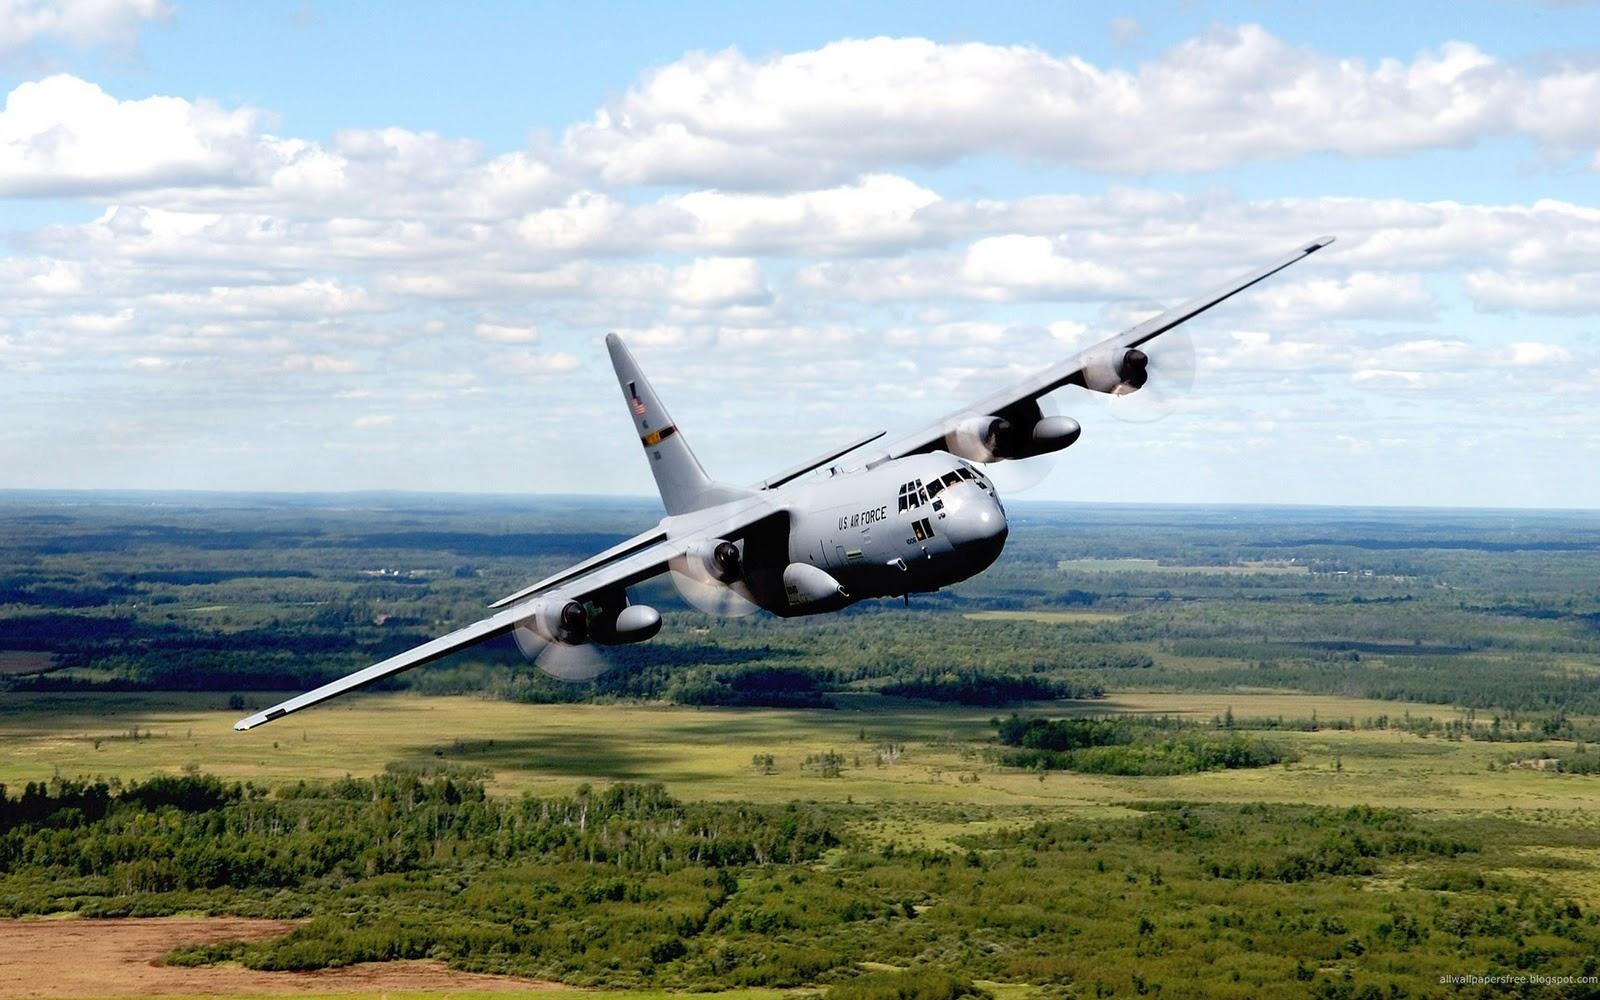 http://2.bp.blogspot.com/_KtoUah5Q8Zc/TO6Vlc-HoxI/AAAAAAAAAFM/kMU2uPIFsWA/s1600/us_airforce_bomber_plane-wide.jpg